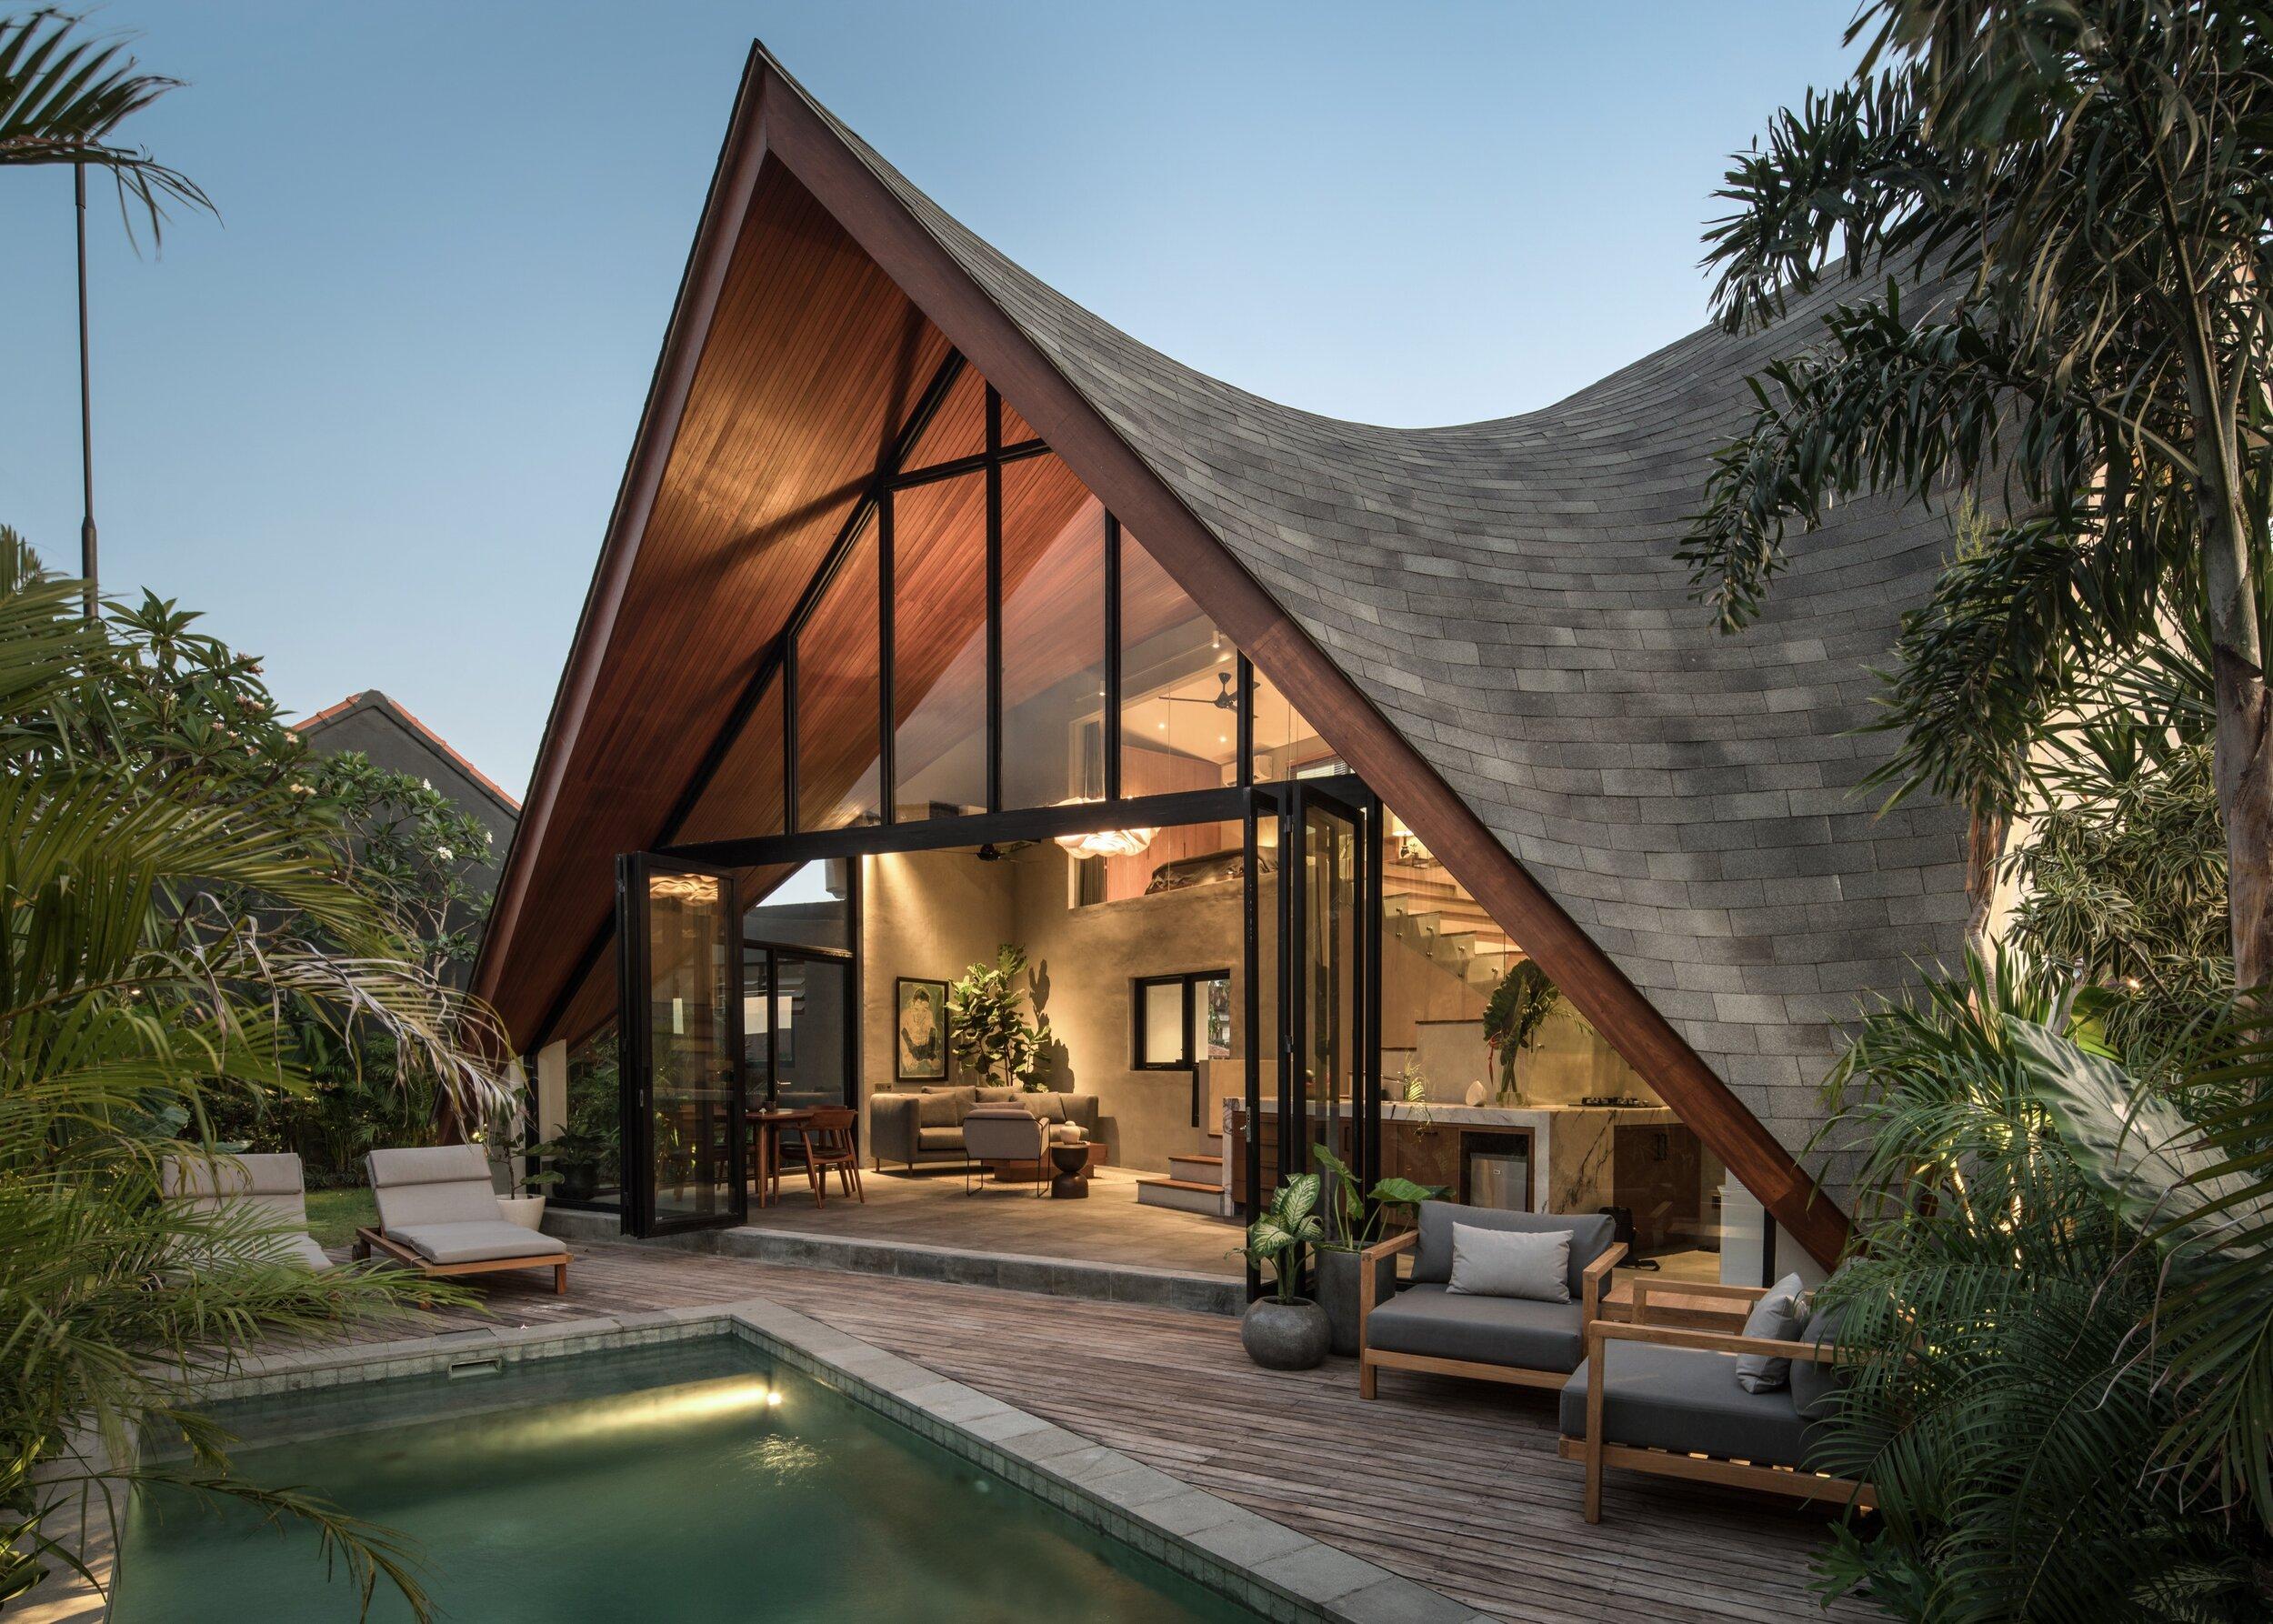 The Riverhouse Bali